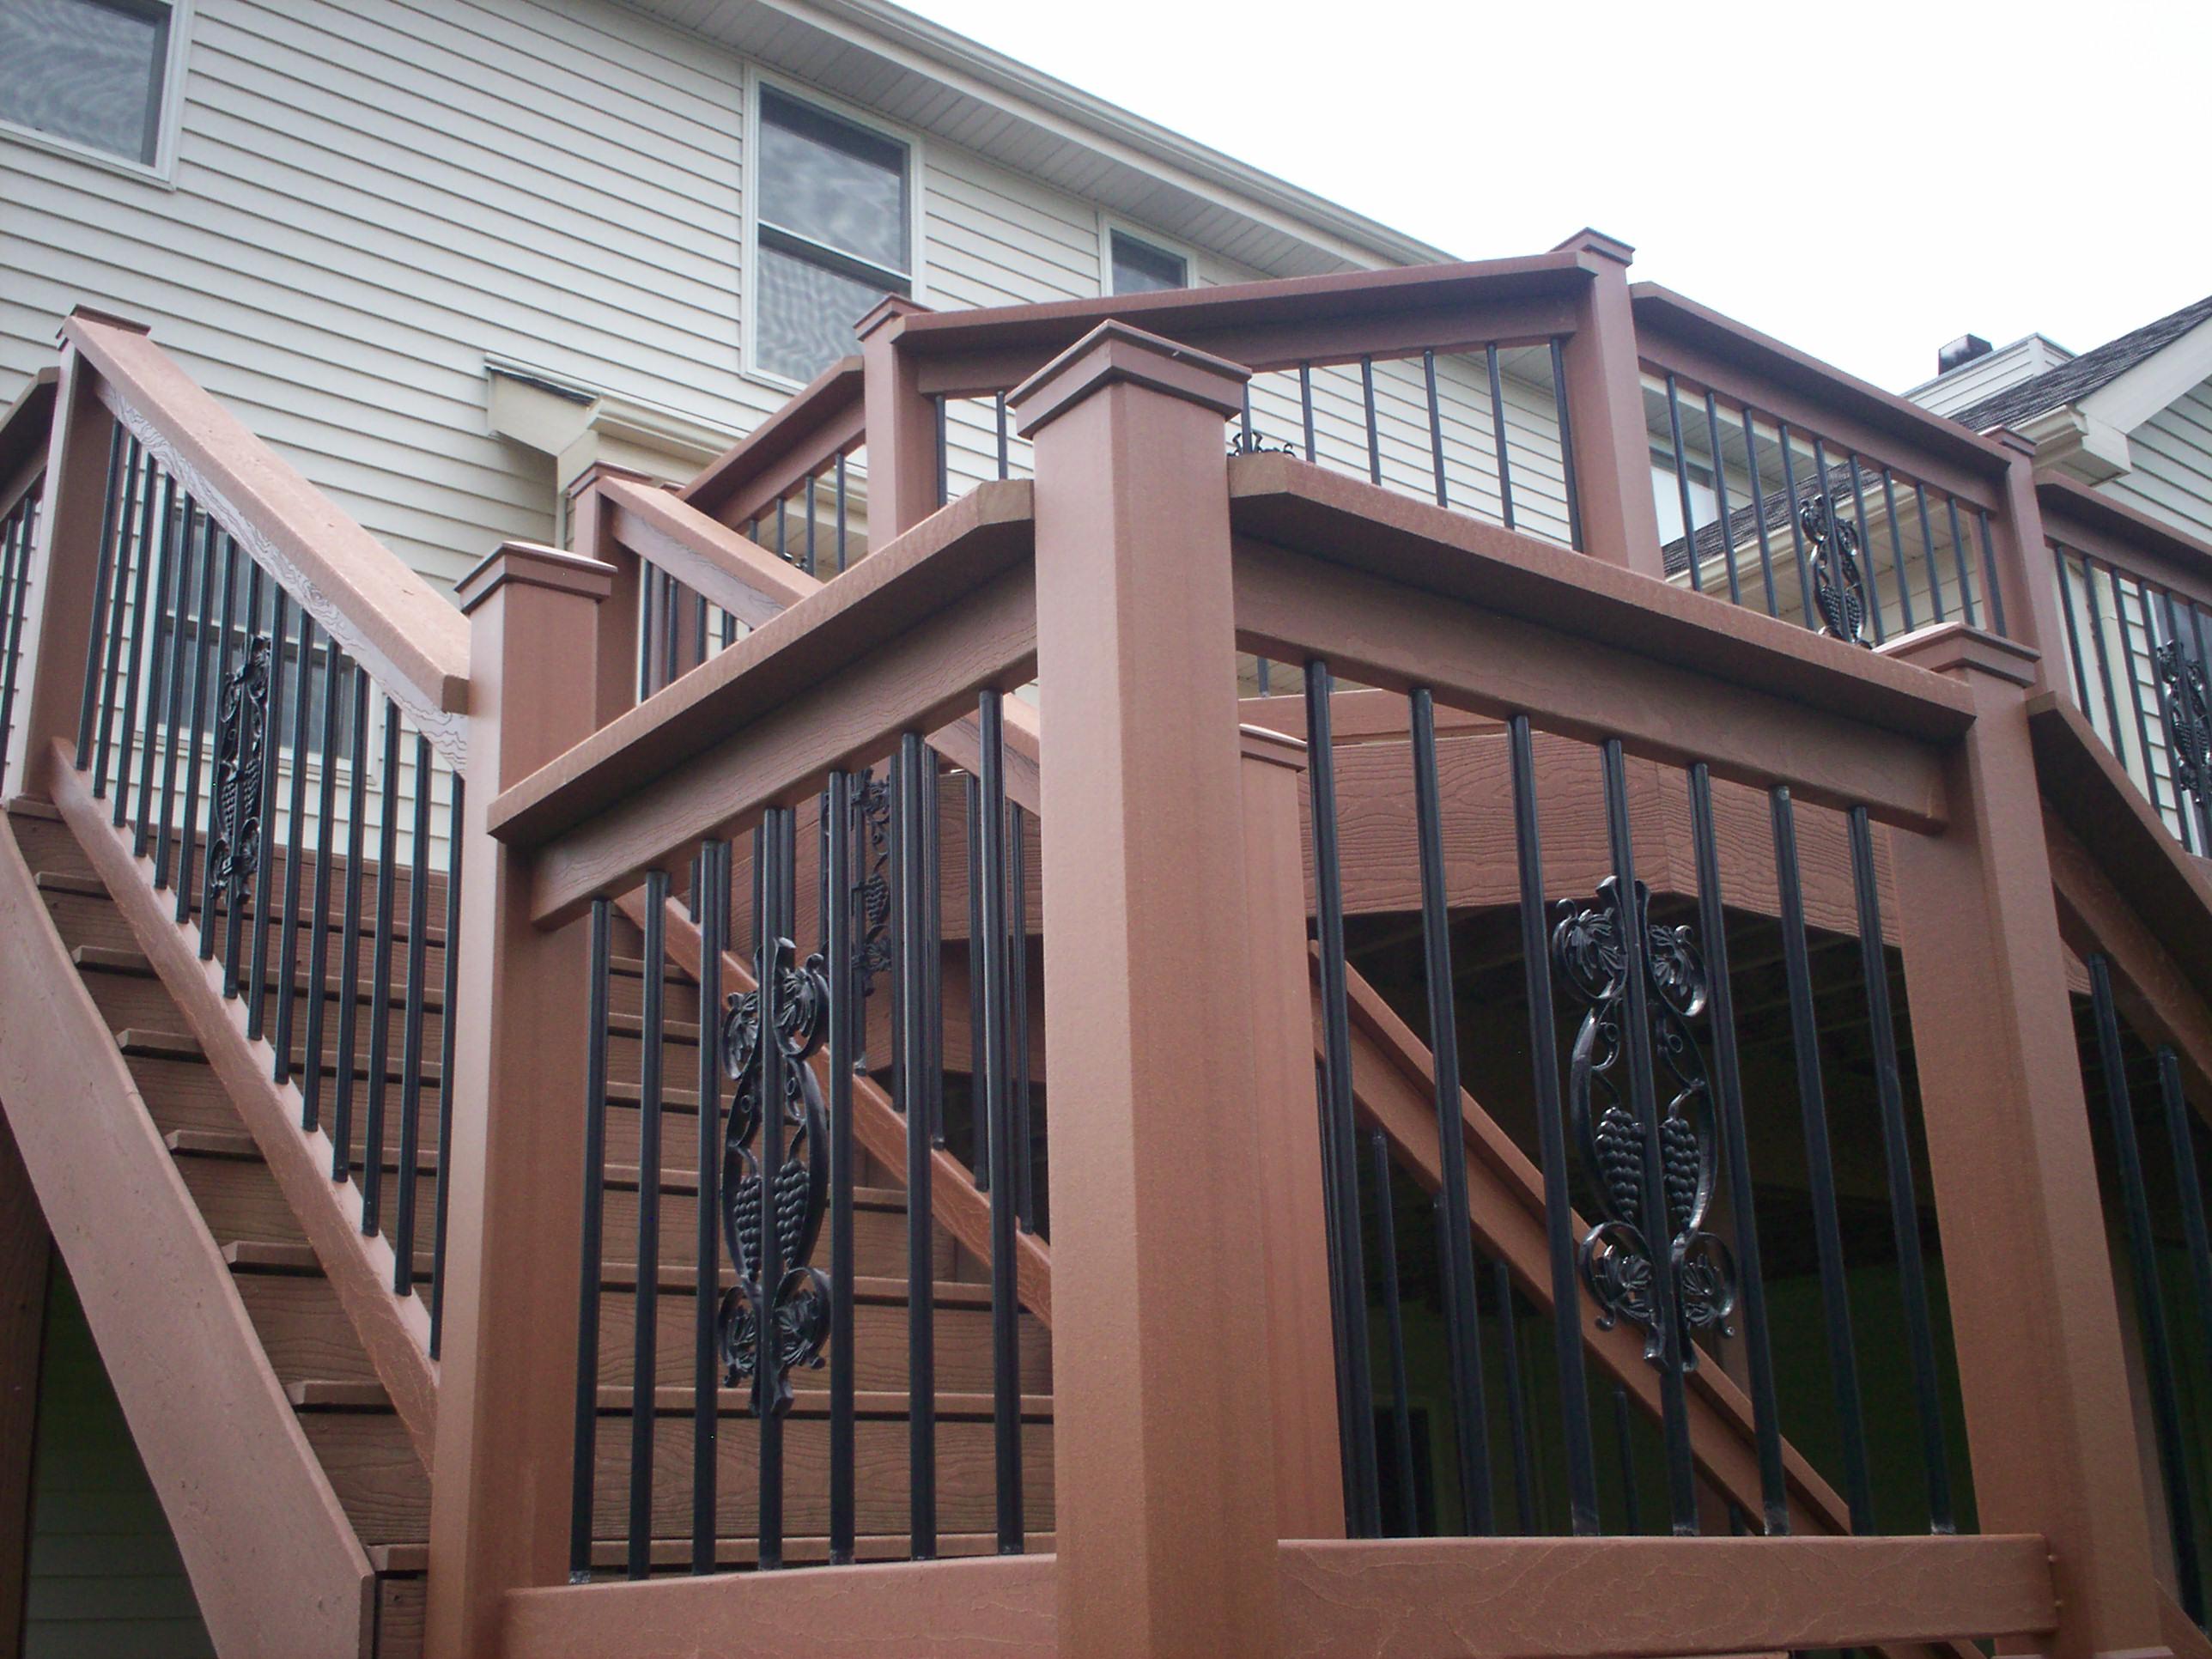 composite deck composite deck rail caps. Black Bedroom Furniture Sets. Home Design Ideas